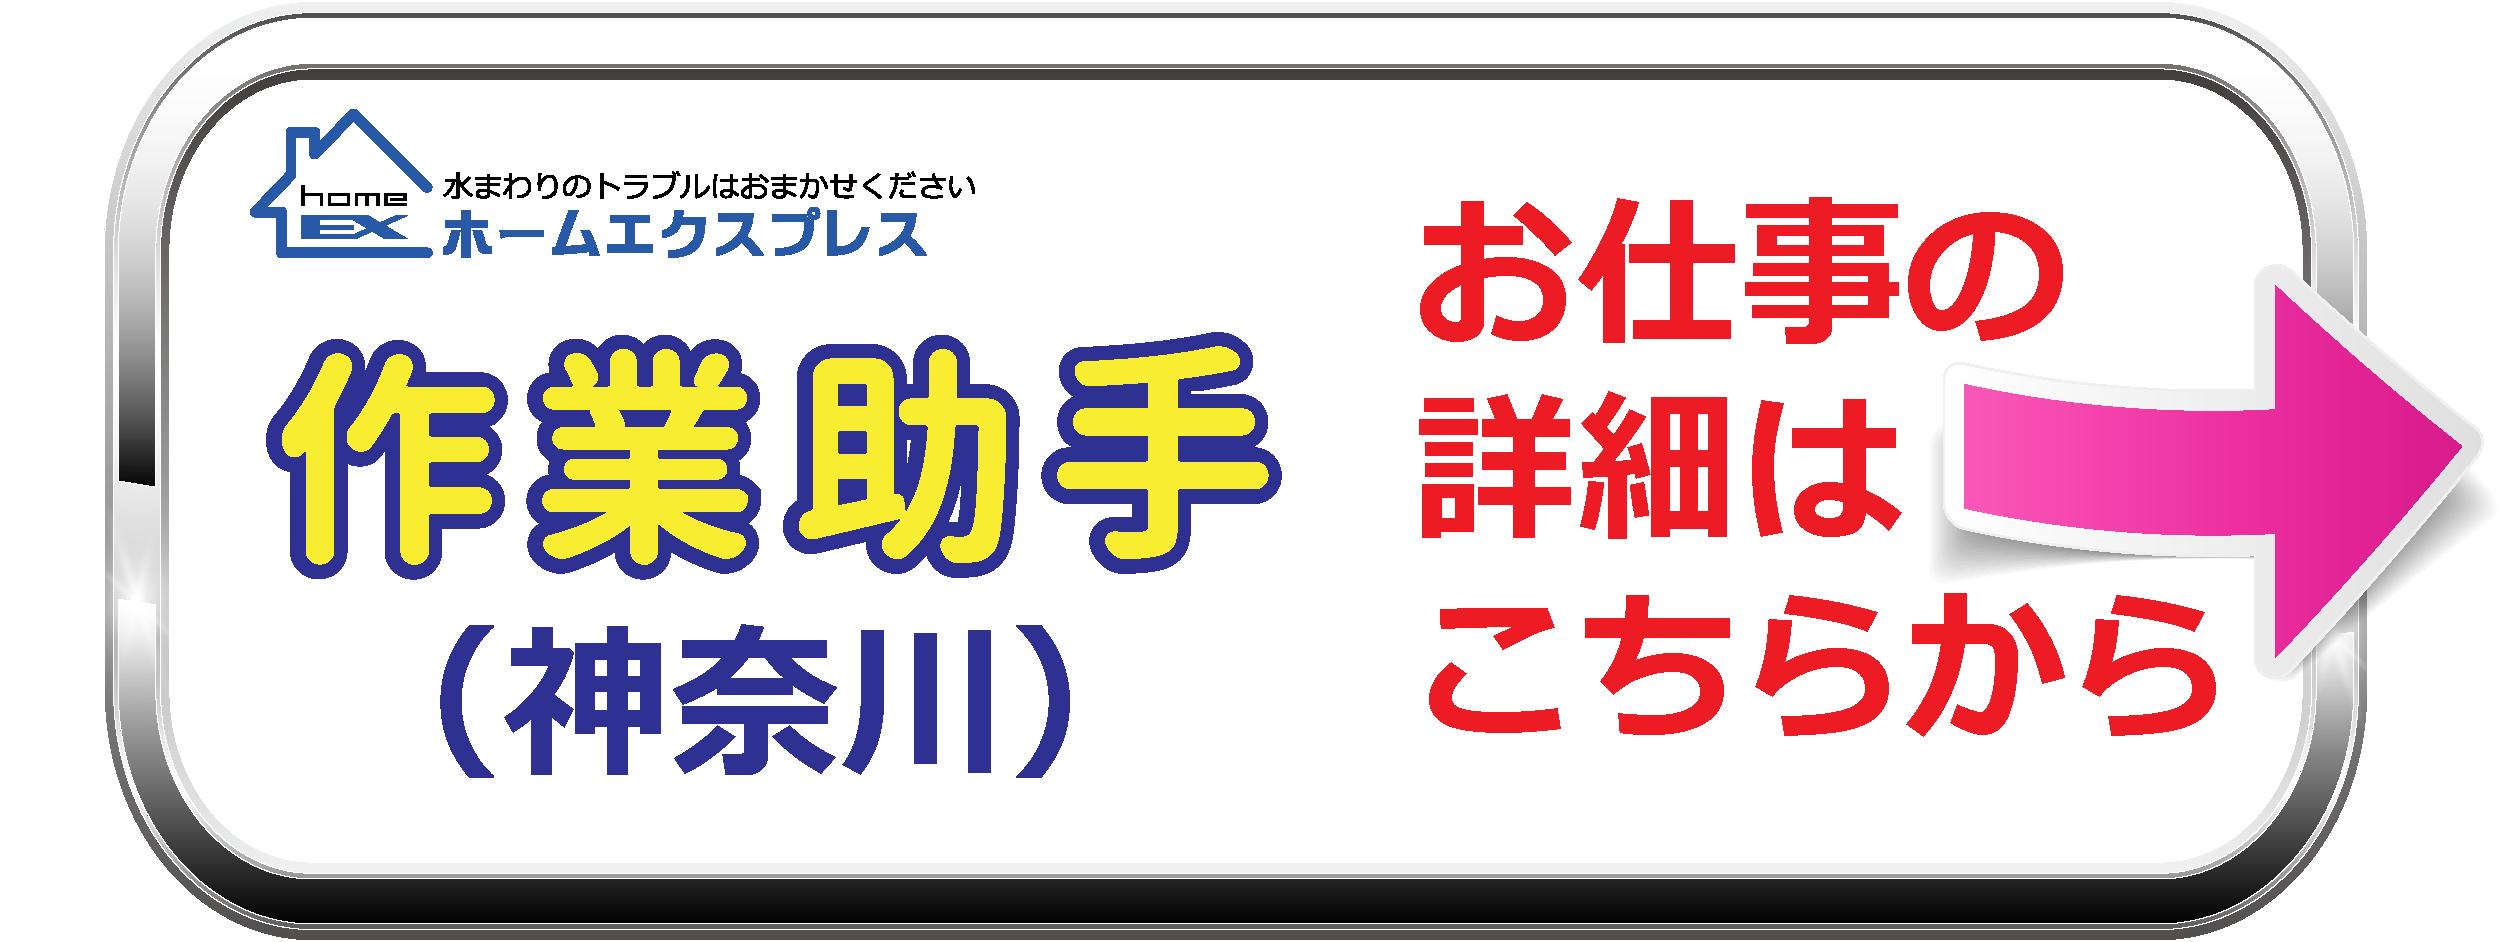 ホームエクスプレス・作業助手求人神奈川ボタン